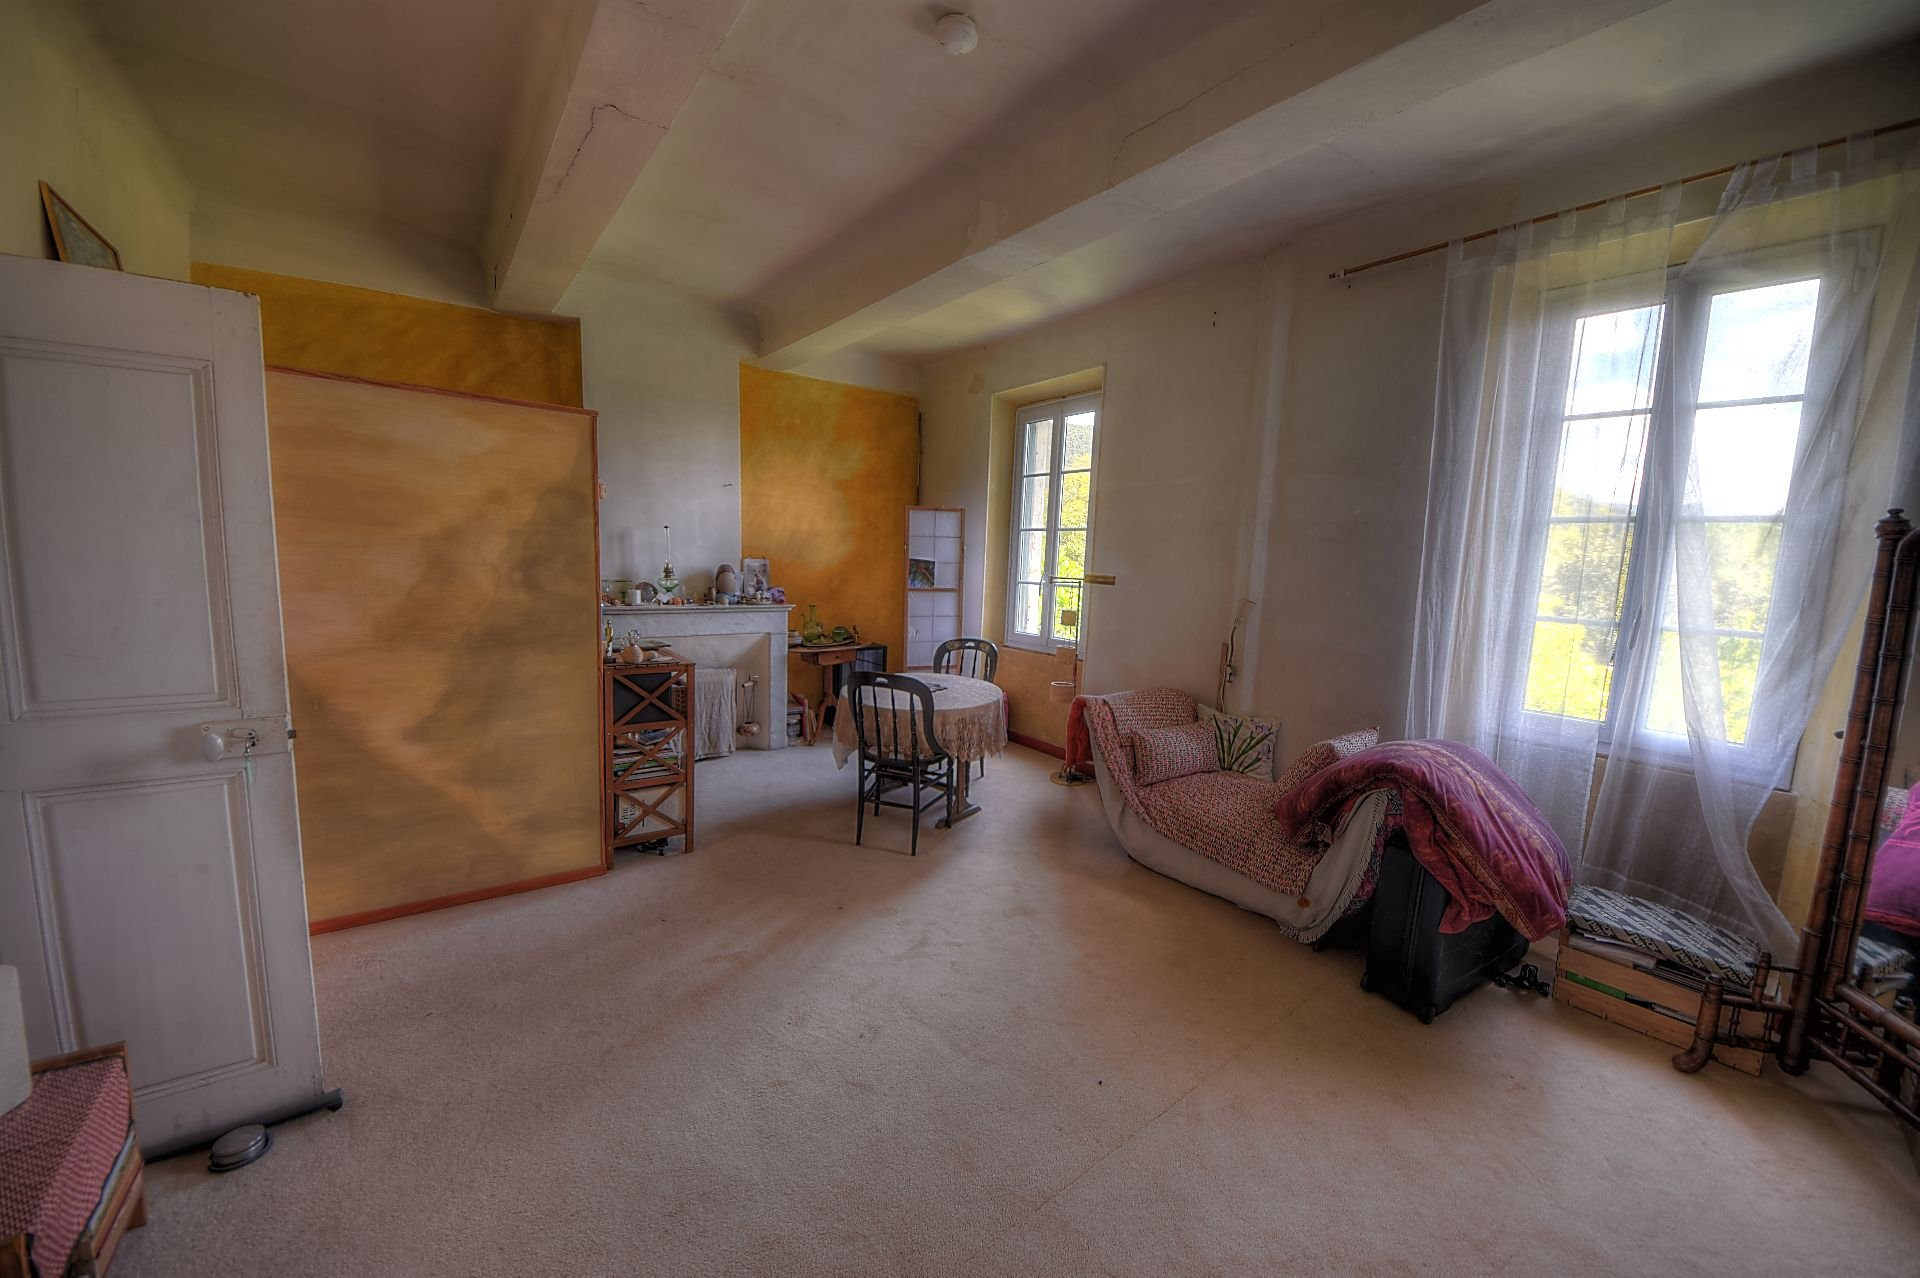 Suite parentale ou studio 1er étage maison de maître Aups